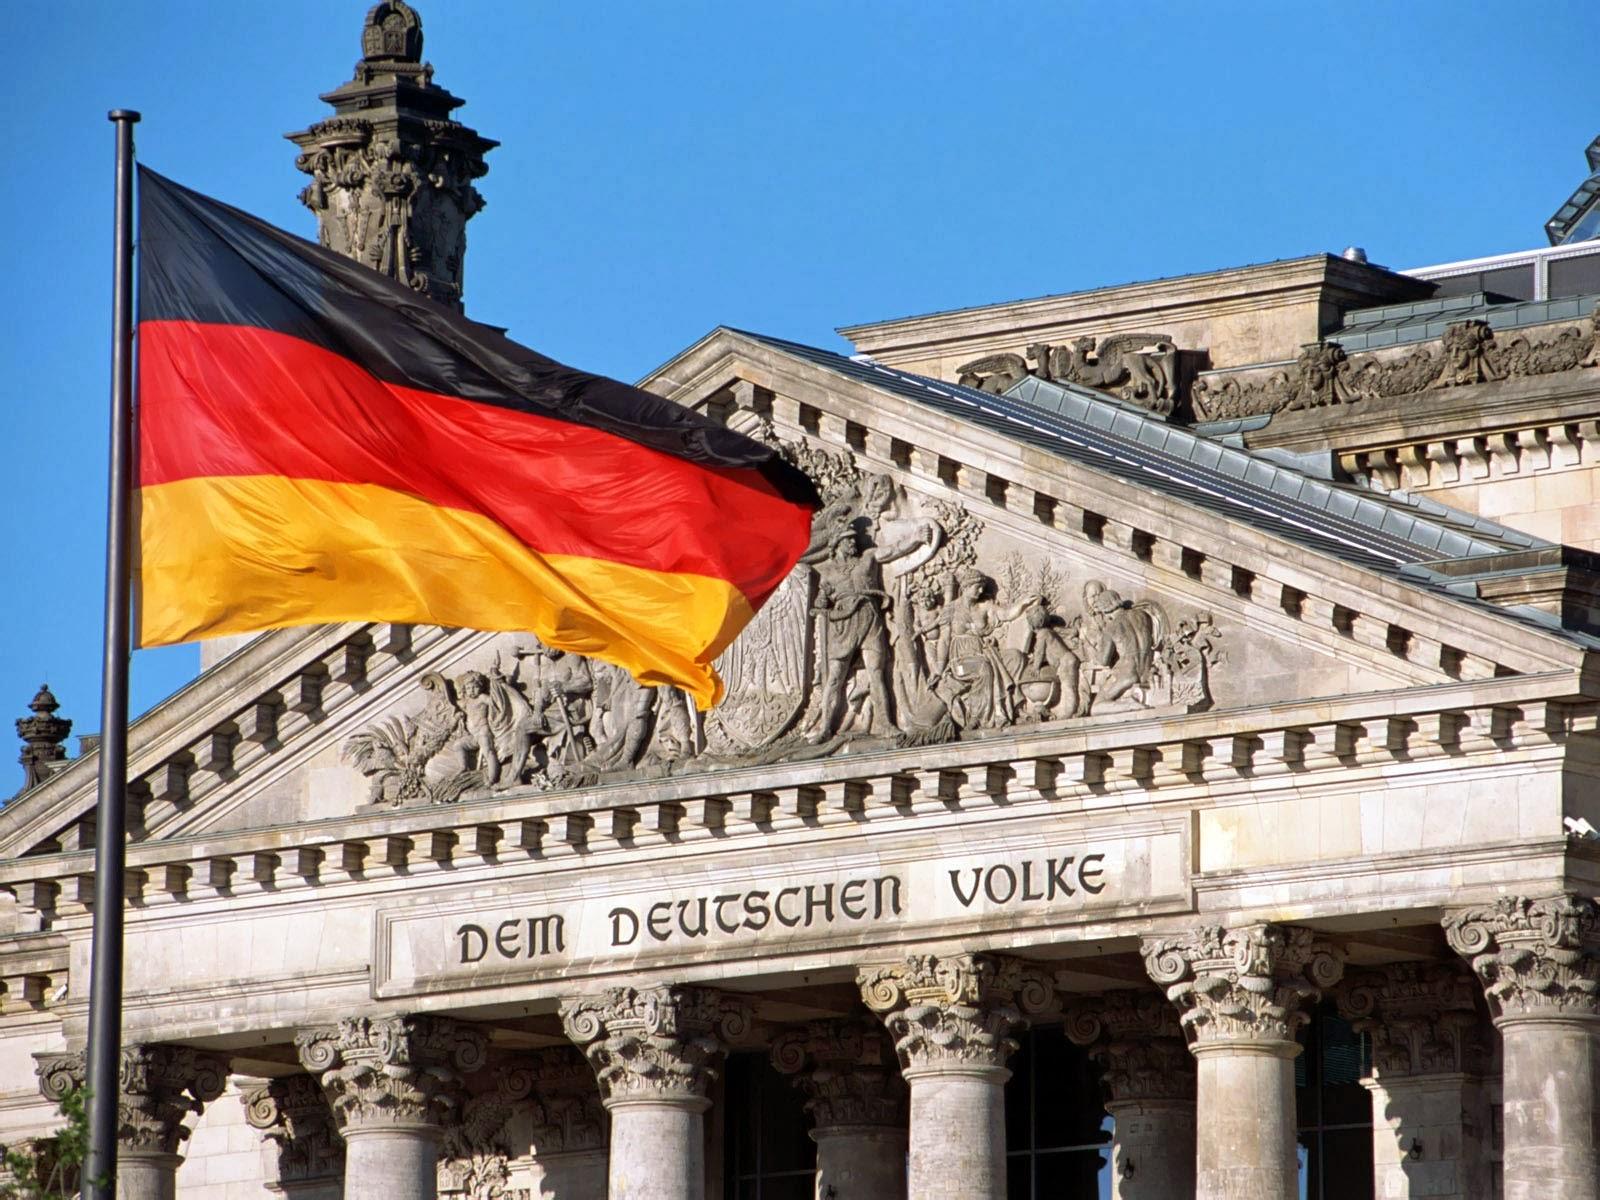 Германия отказалась участвовать в научной конференции и сидеть за одним столом с российским агрессором из-за оккупации Крыма